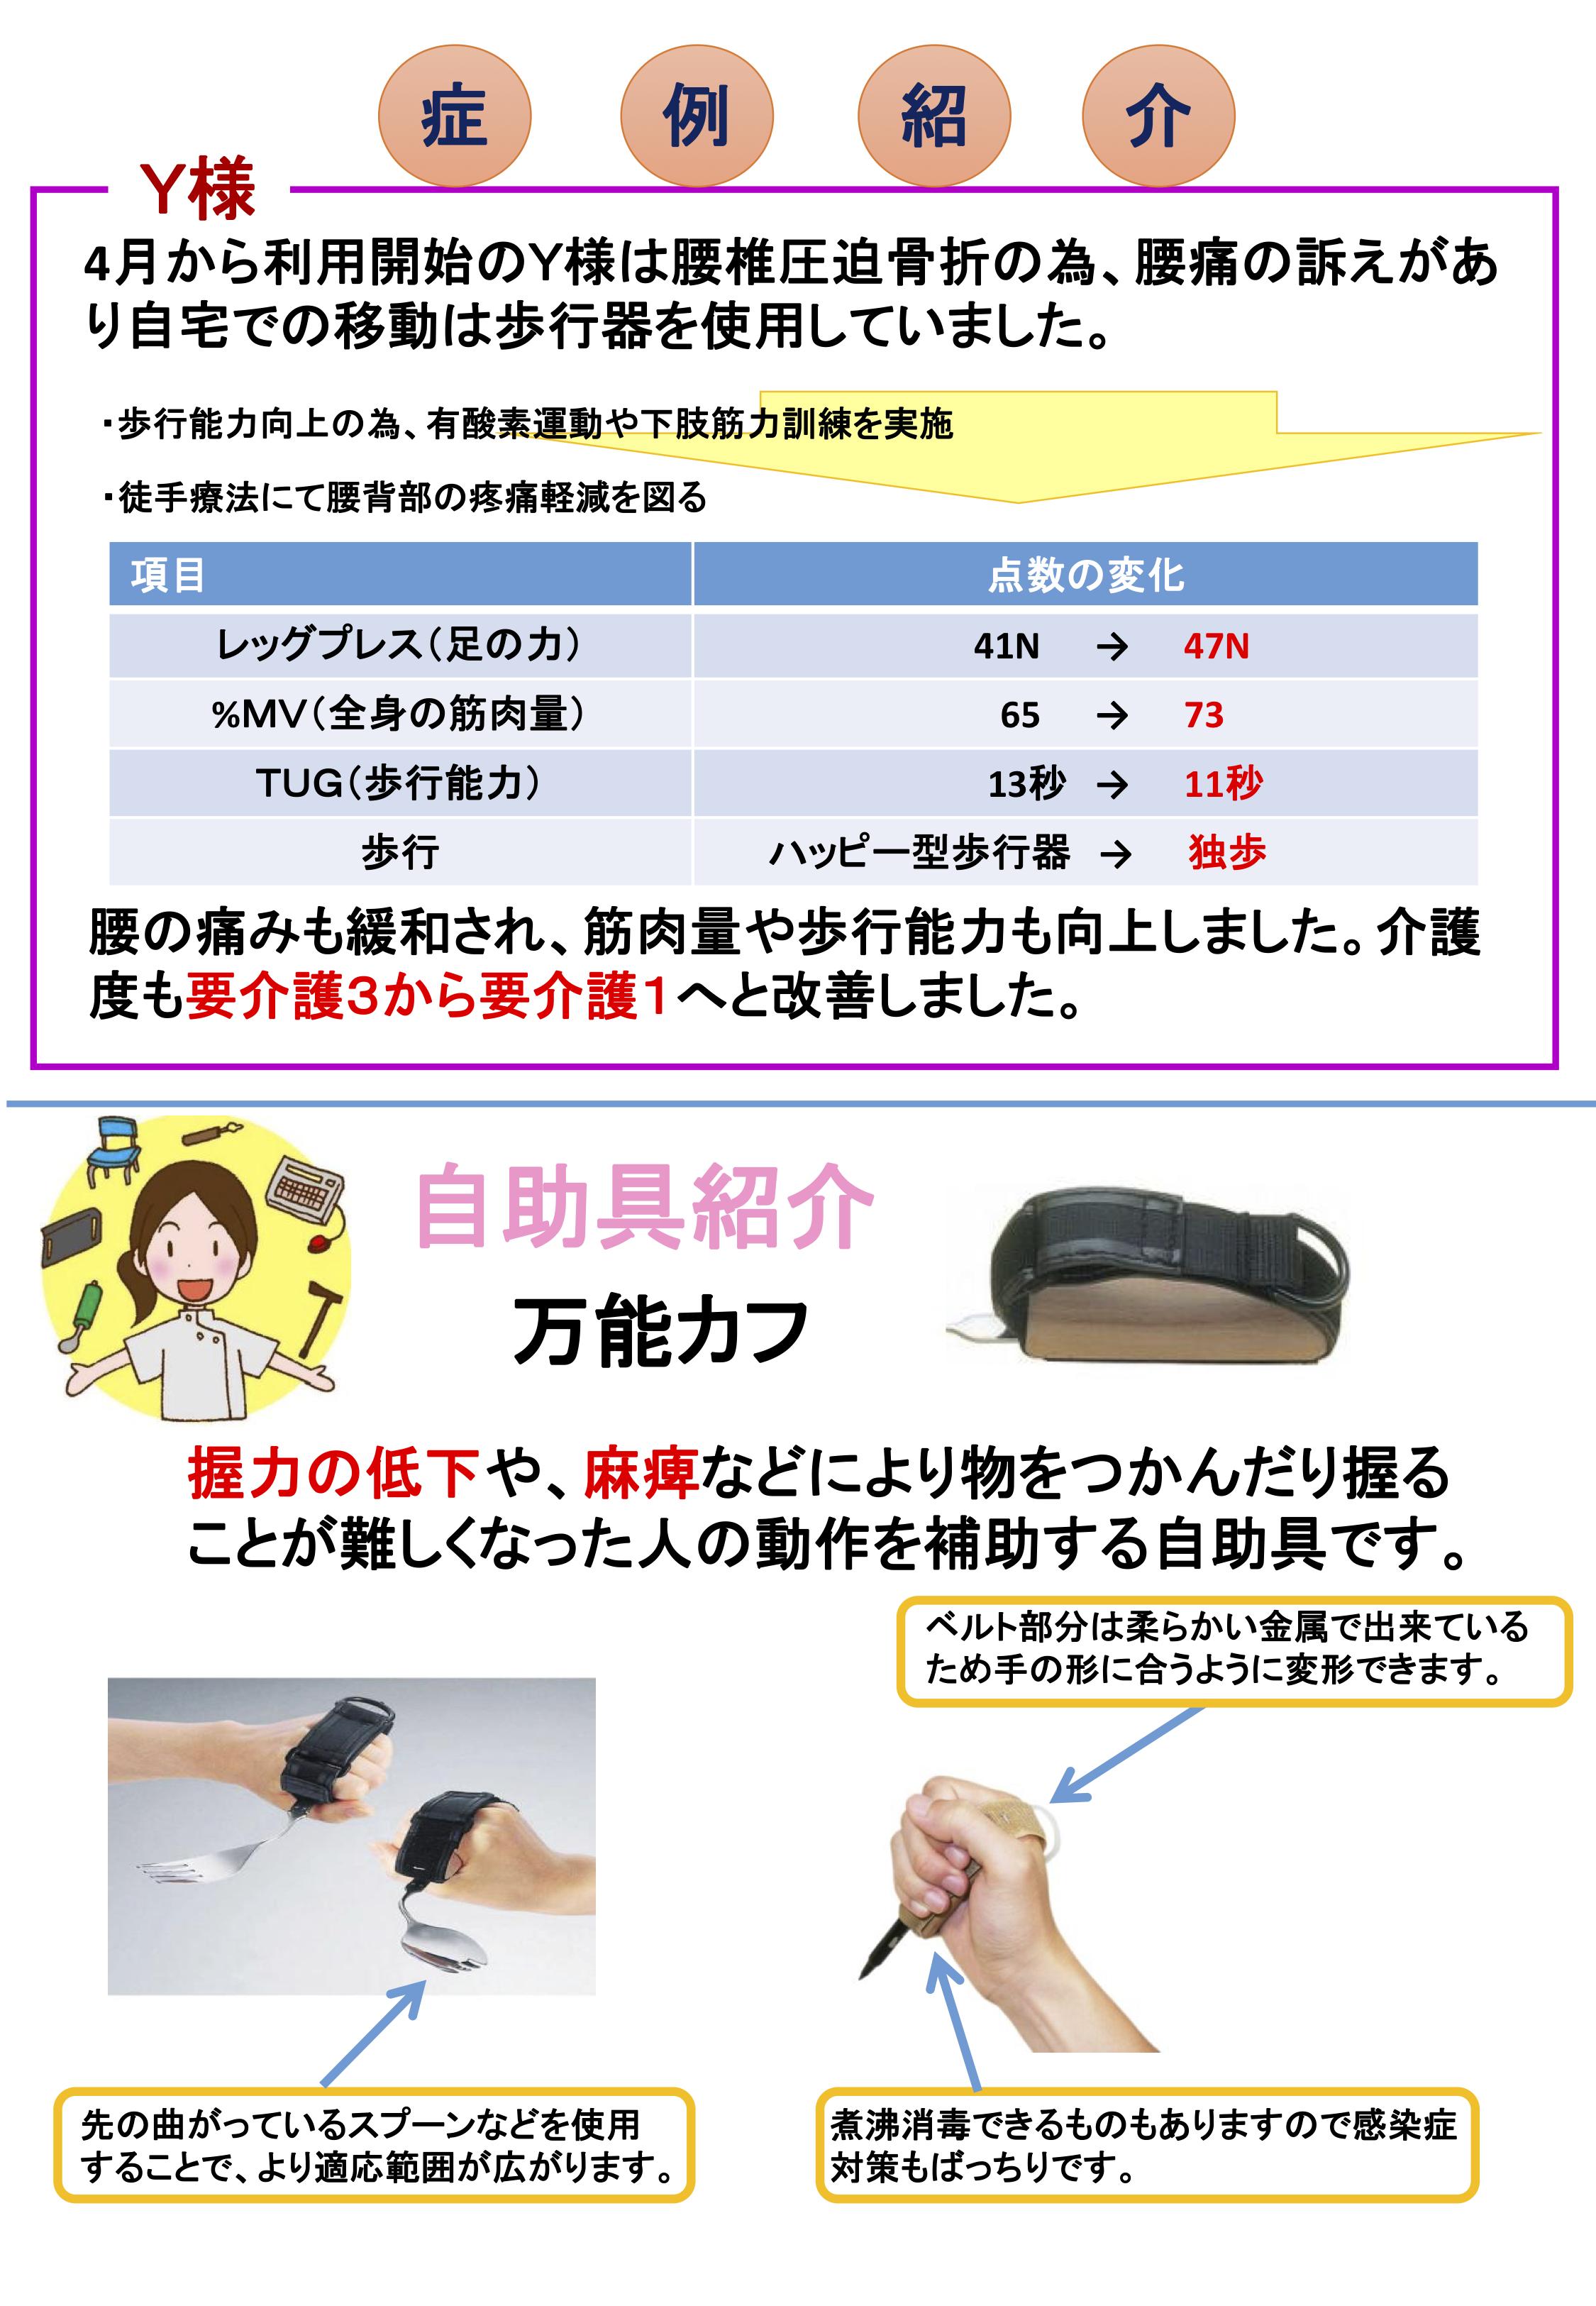 症例紹介 Y様 4月から利用開始のY様は腰椎圧迫骨折のため、腰痛の訴えがあり自宅での移動は歩行器を使用していました。 こ法能力向上のため、有酸素運動や四肢筋力訓練を実施 徒手療法にて腰背部の疼痛軽減を図る 項目 レッグプレス(足の力) 点数の変化 41N→47N %MV(全身の筋肉量) 65→73 TUG(歩行能力) 13秒→11秒 歩行 ハッピー型歩行器→独歩 腰の痛みも緩和され、筋肉量や歩行能力も向上しました。介護度も要介護3から要介護1へと改善しました。 デイケアふれあい TEL:0984-44-3211 FAX:0984-44-0380